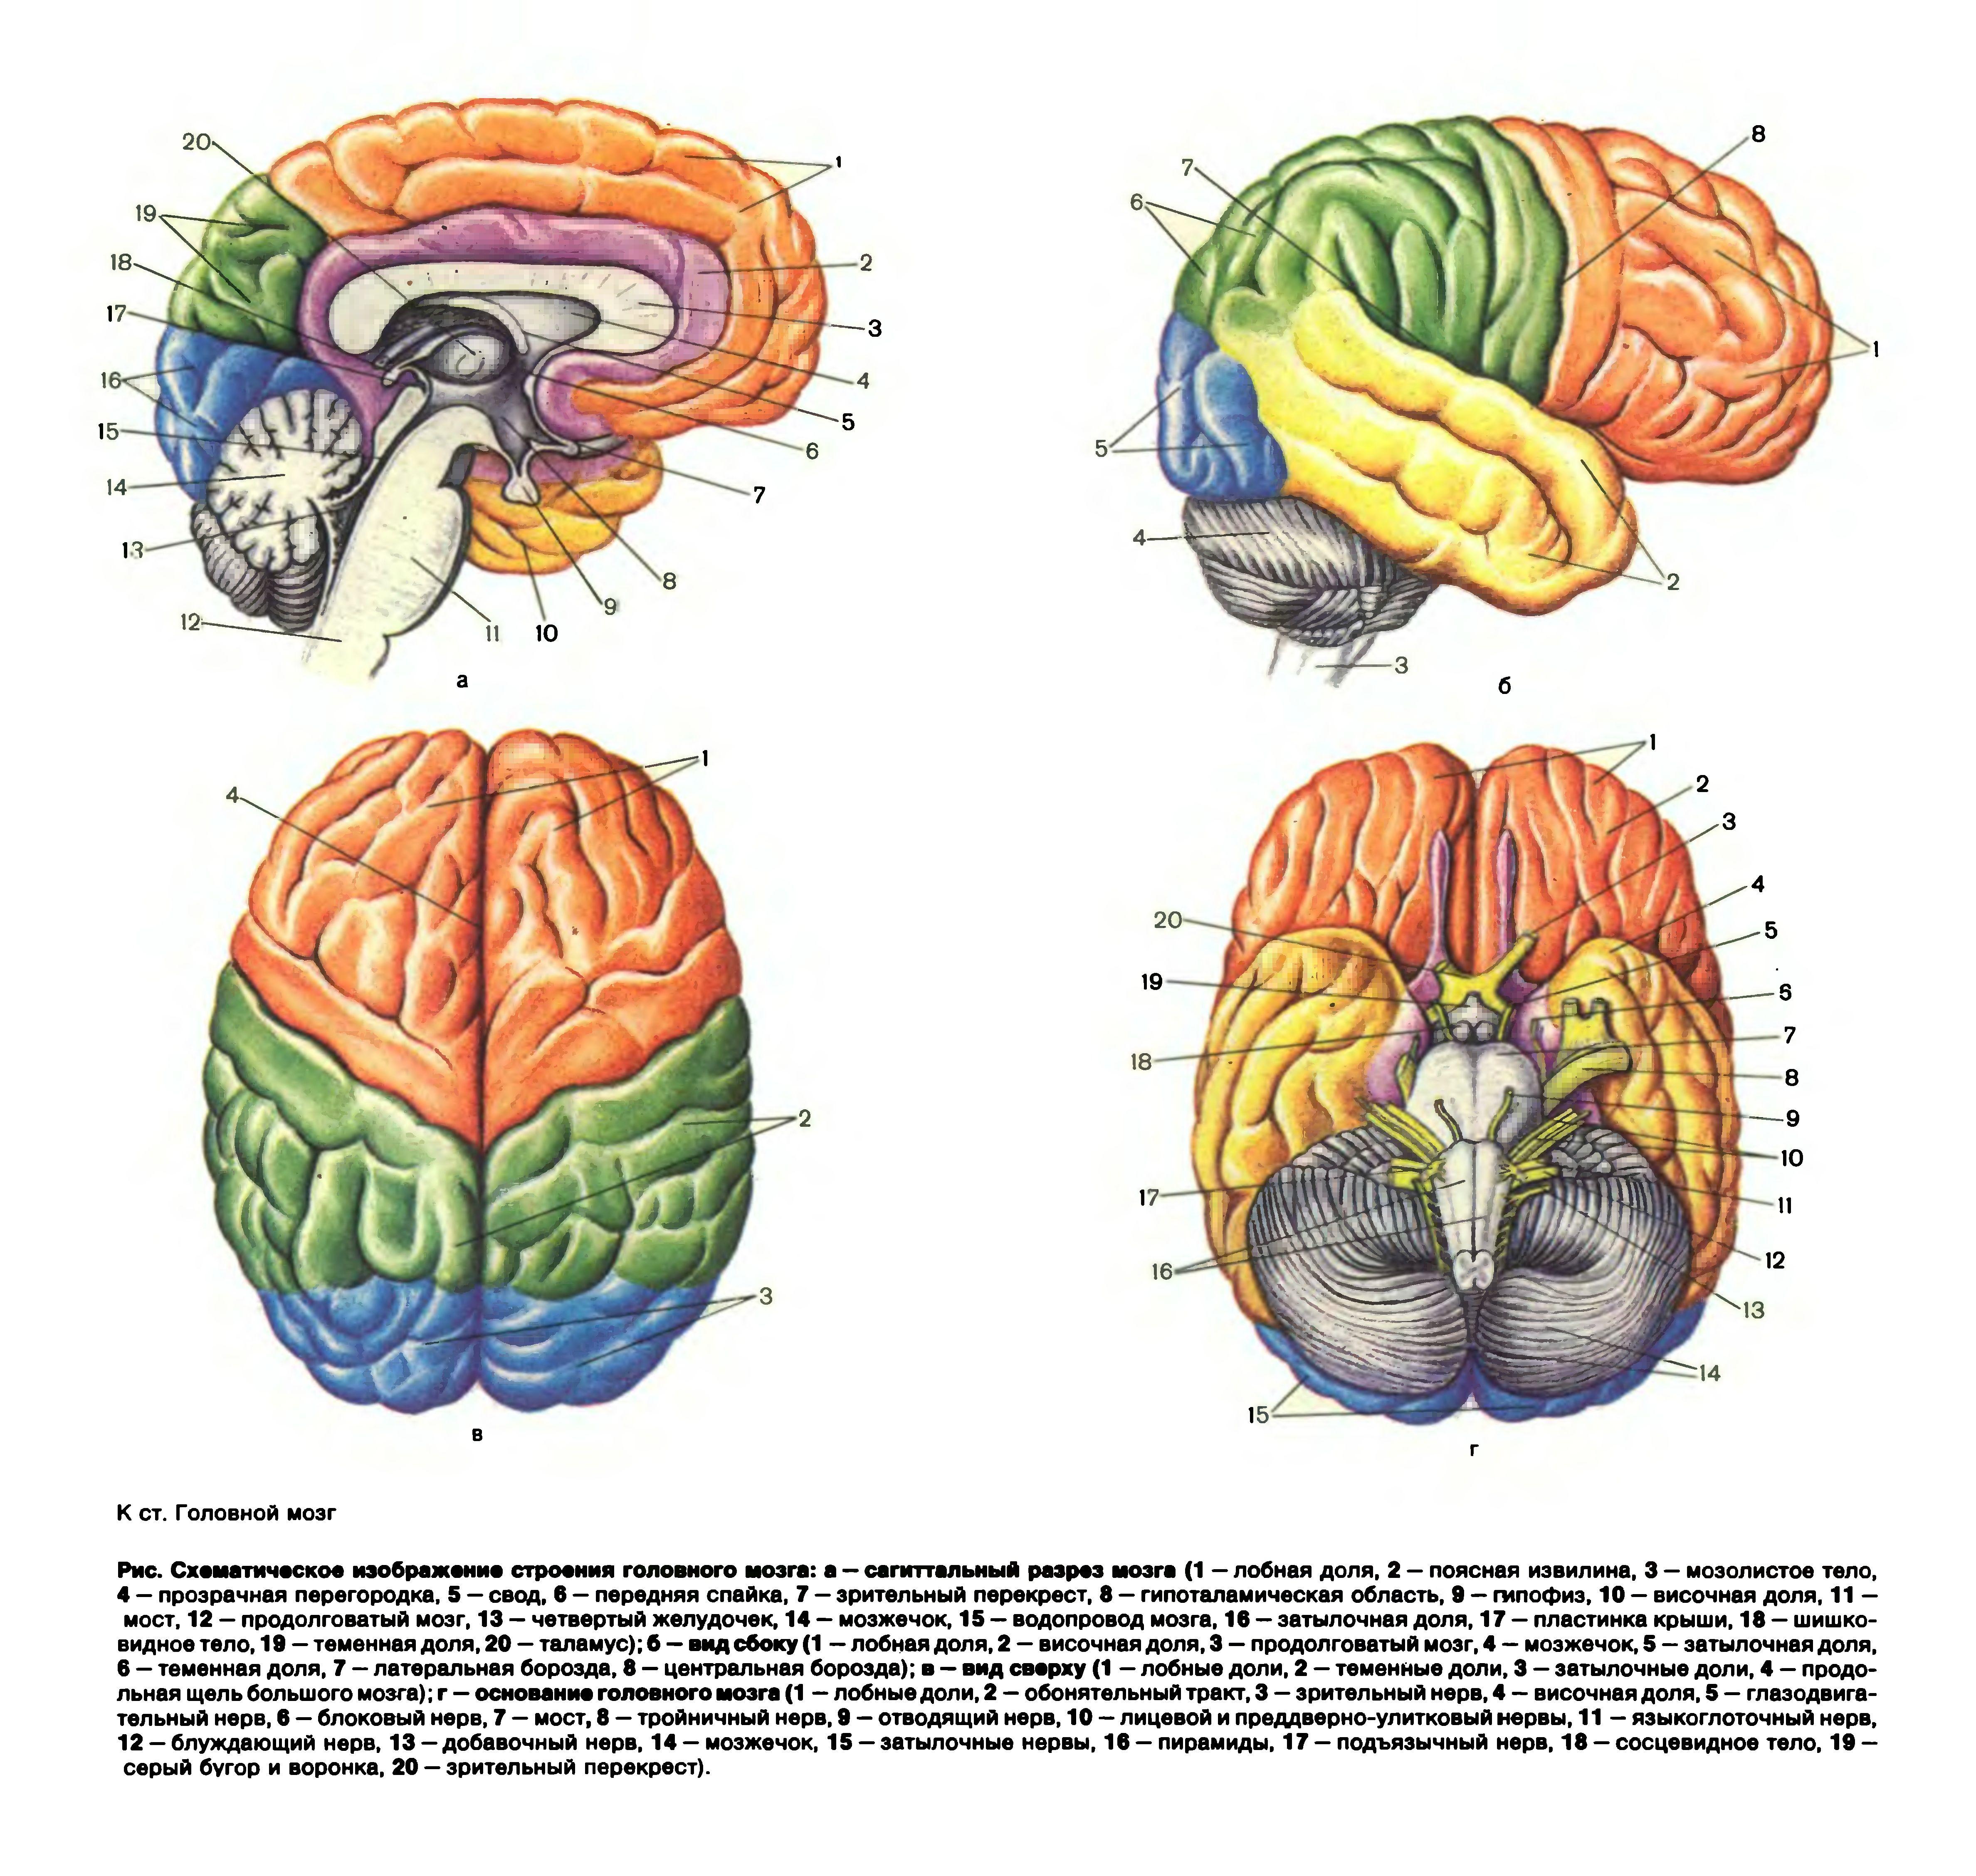 Мозг человека в картинках с надписями